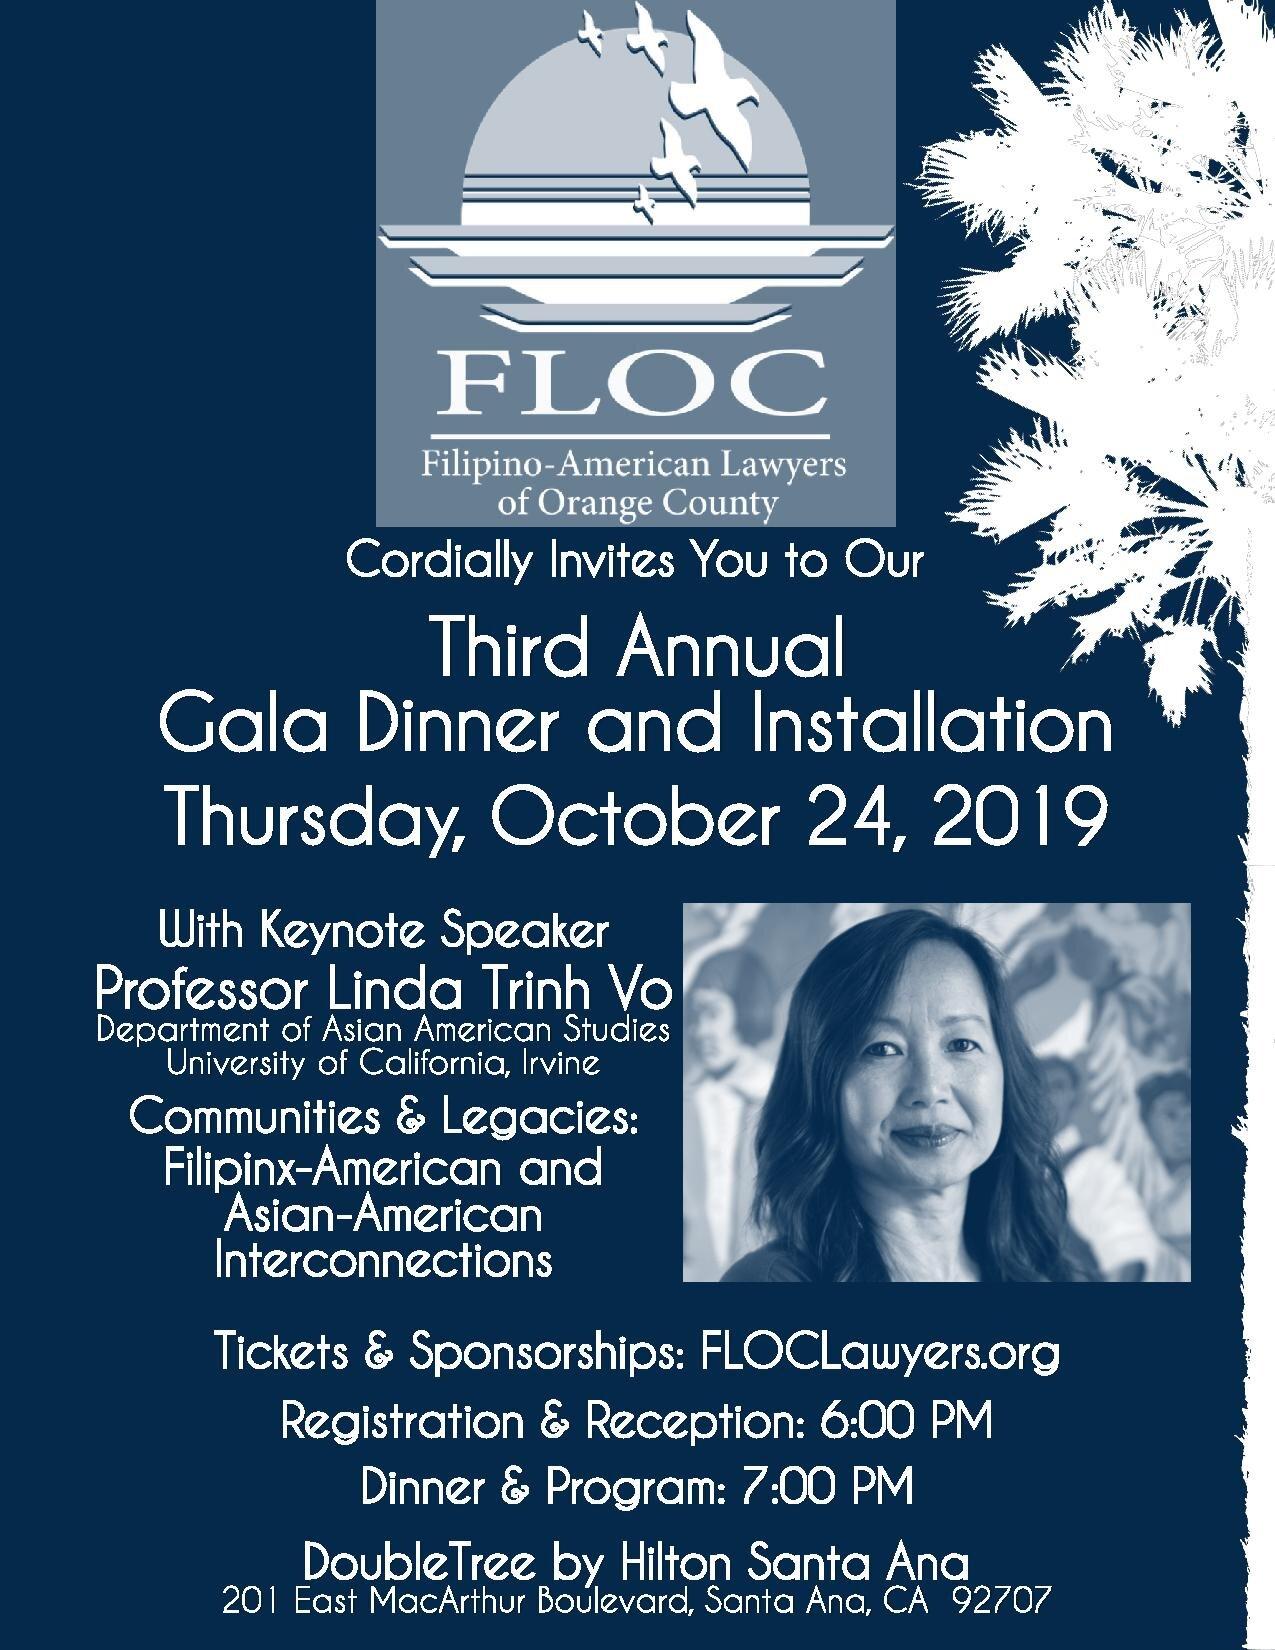 floclawyers@gmail.com